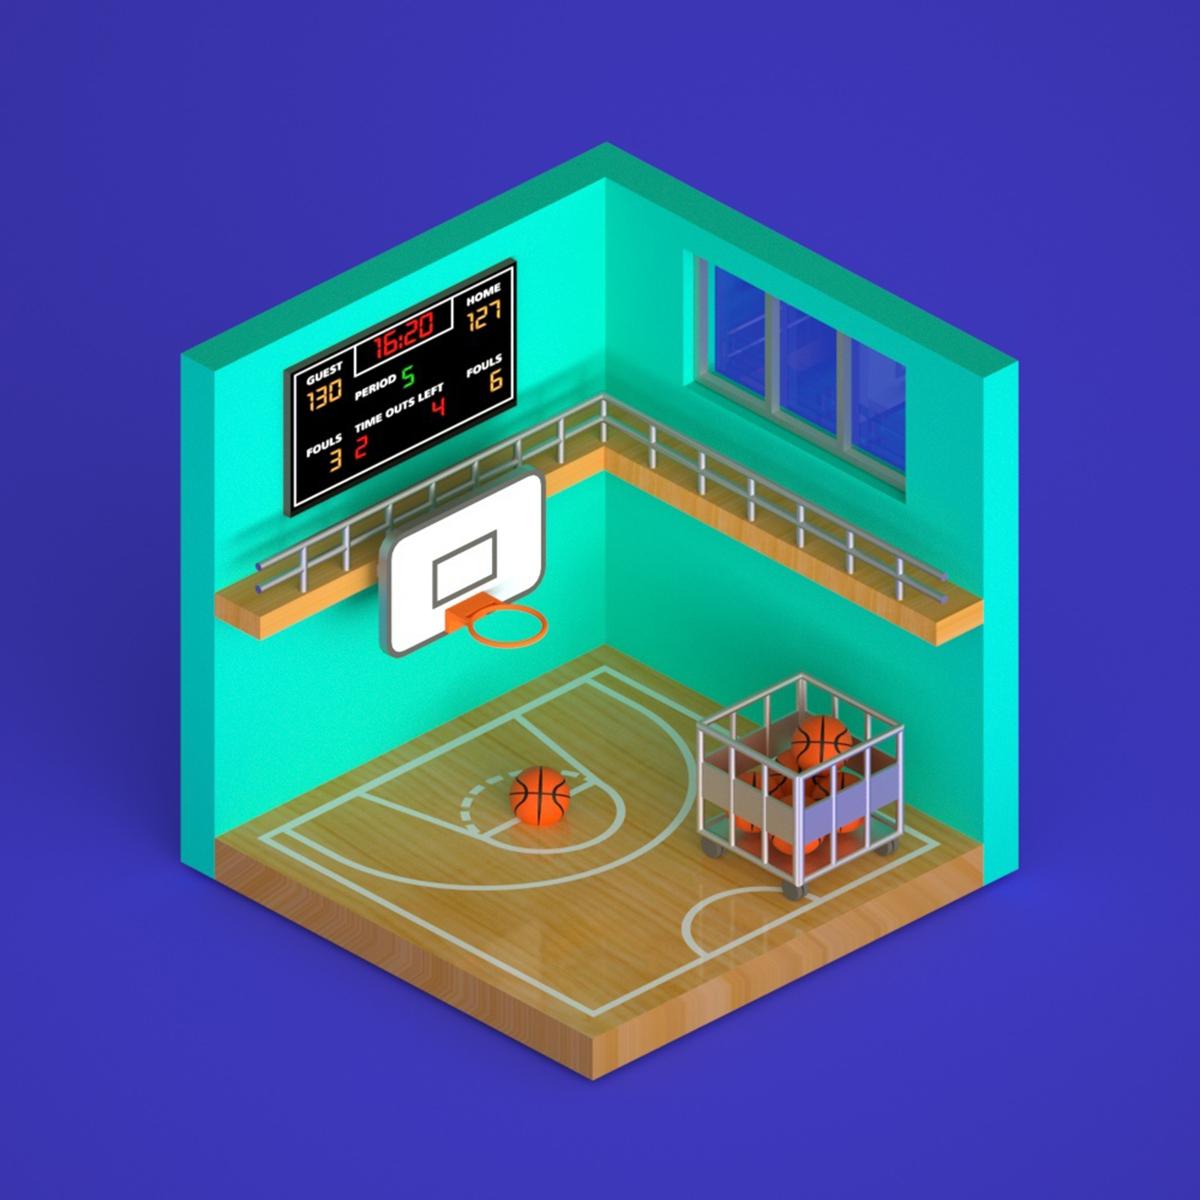 篮球场小景